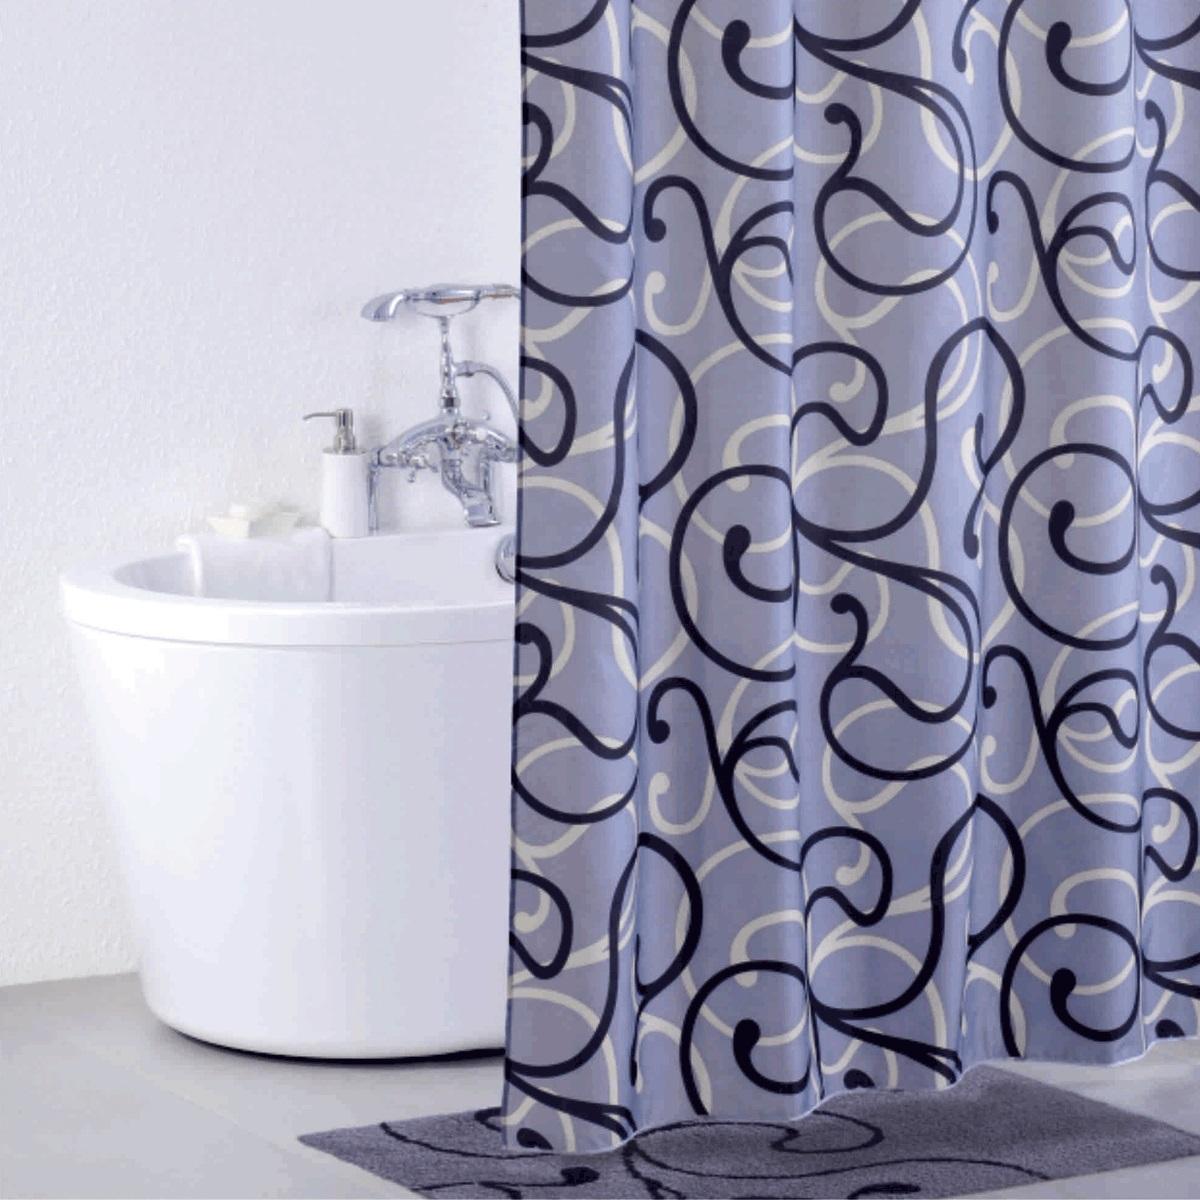 Штора для ванной Iddis Flower Lace Grey, цвет: серый, 200 x 200 см410P20RI11Штора для ванной комнаты Iddis выполнена из быстросохнущего материала - 100% полиэстера, что обеспечивает прочность изделия и легкость ухода за ним.Материал шторы пропитан специальным водоотталкивающим составом Waterprof.Изделие изготовлено из экологически-чистого материала, оно обладает высокой степенью гигиеничности, не вызывает аллергических реакций.Штора имеет 12 металлических люверсов. В комплекте: штора и кольца.